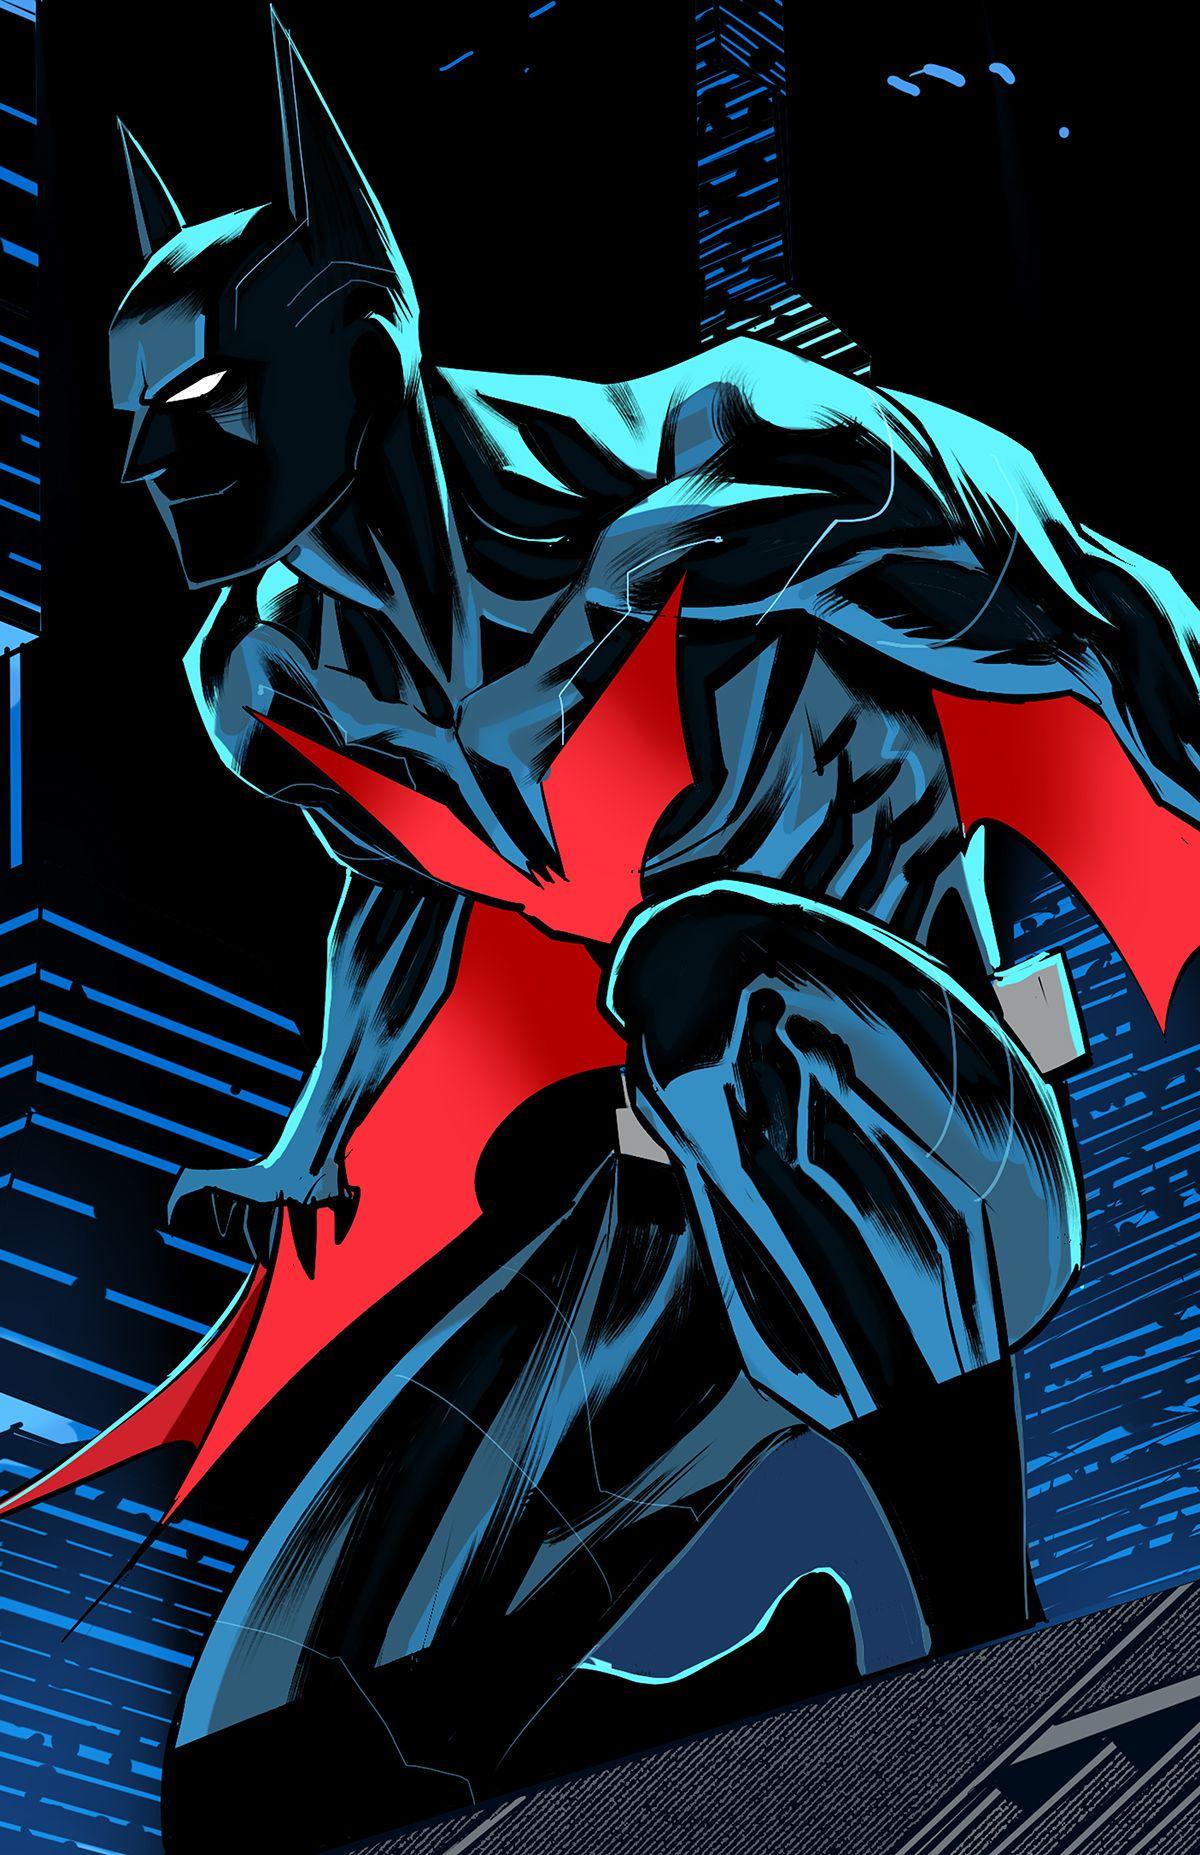 Batman beyond on Behance | Batman beyond, Dc comics batman ...